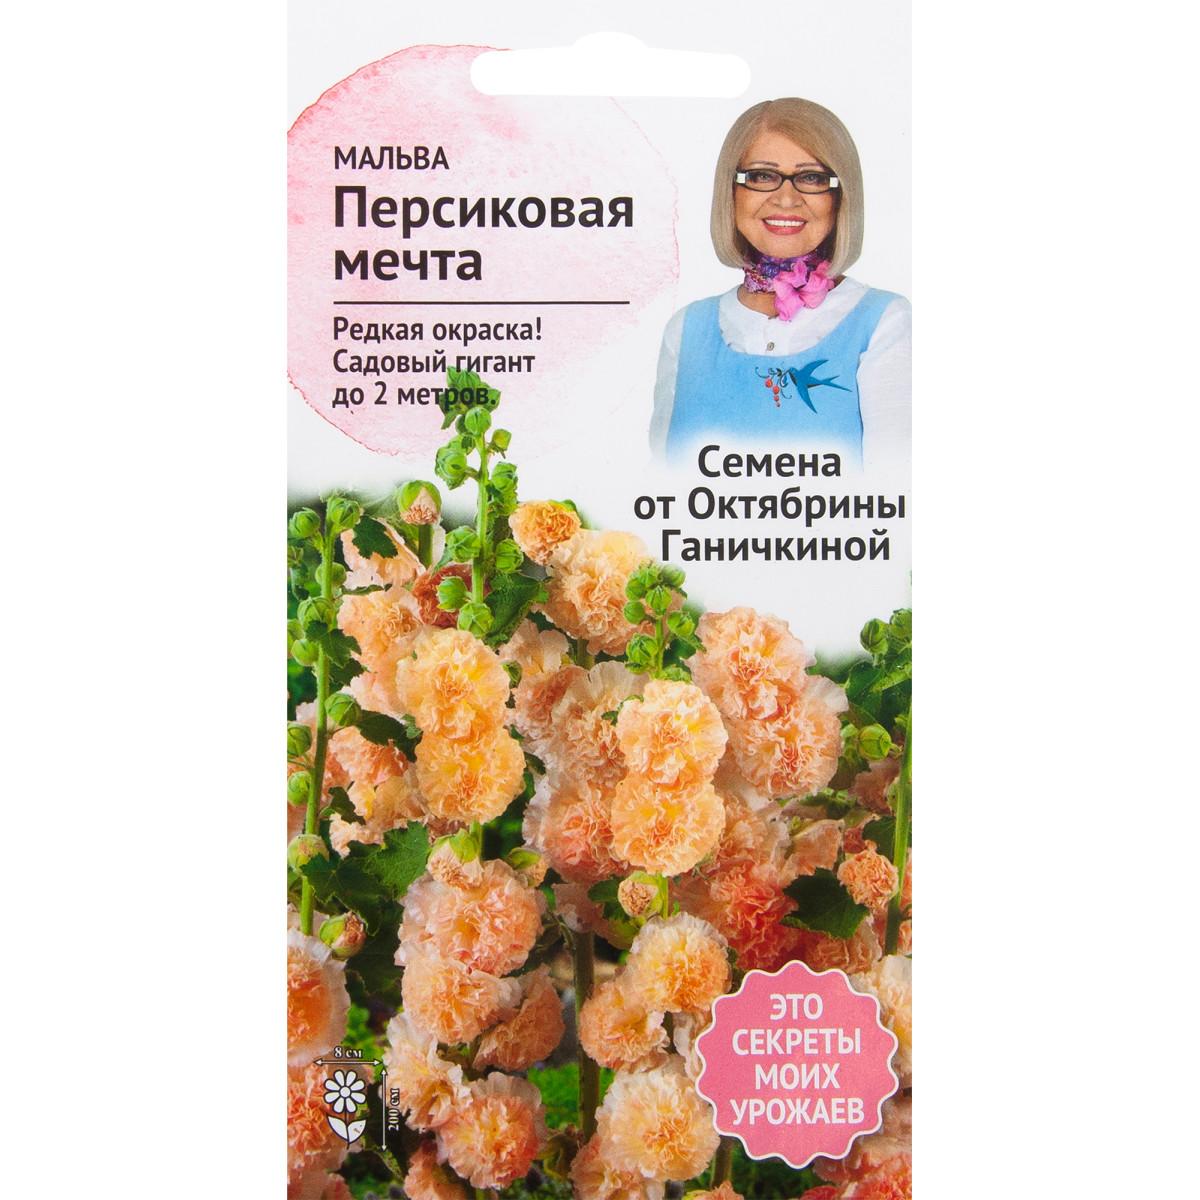 Мальва Персиковая мечта 0.1 г